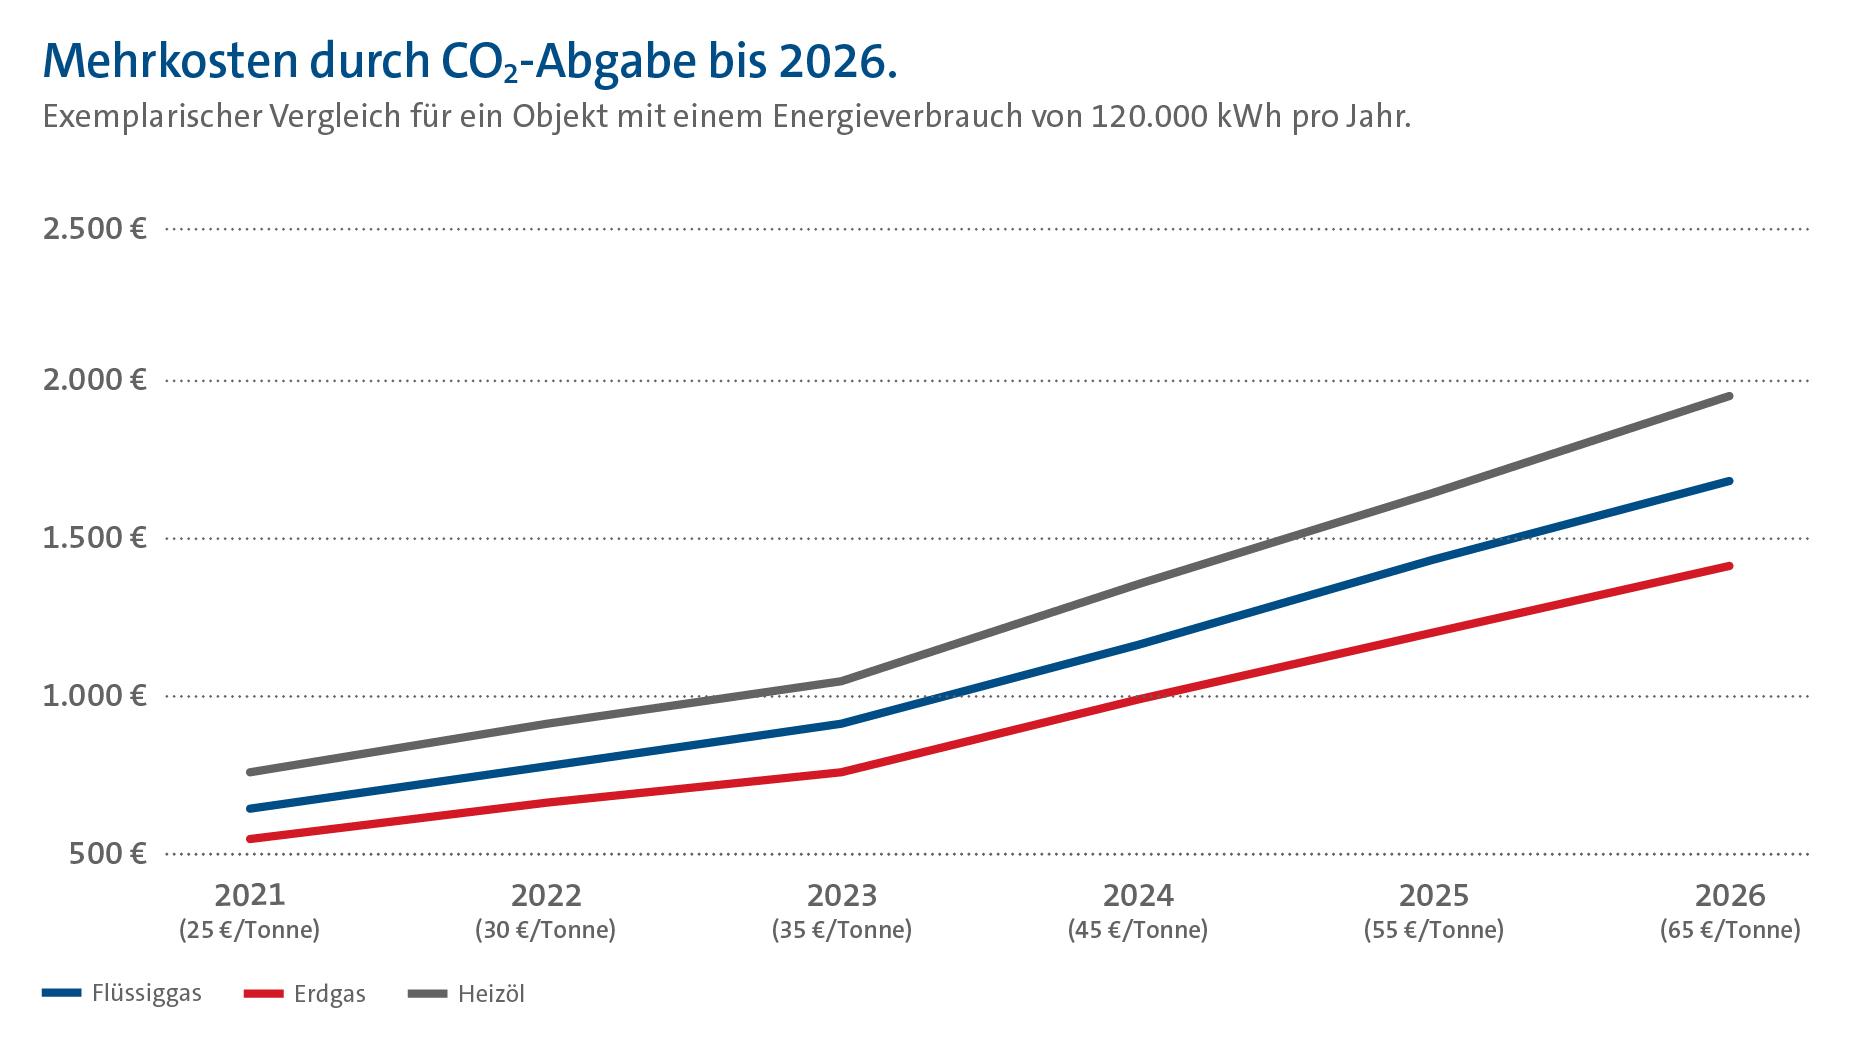 Diagramm: exemplarischer Vergleich der Mehrkosten durch die CO2-Abgabe für Flüssiggas, Erdgas und Heizöl im Zeitraum von 2021 bis 2026 für ein Objekt mit einem Energieverbrauch von 120.000 kWh pro Jahr.